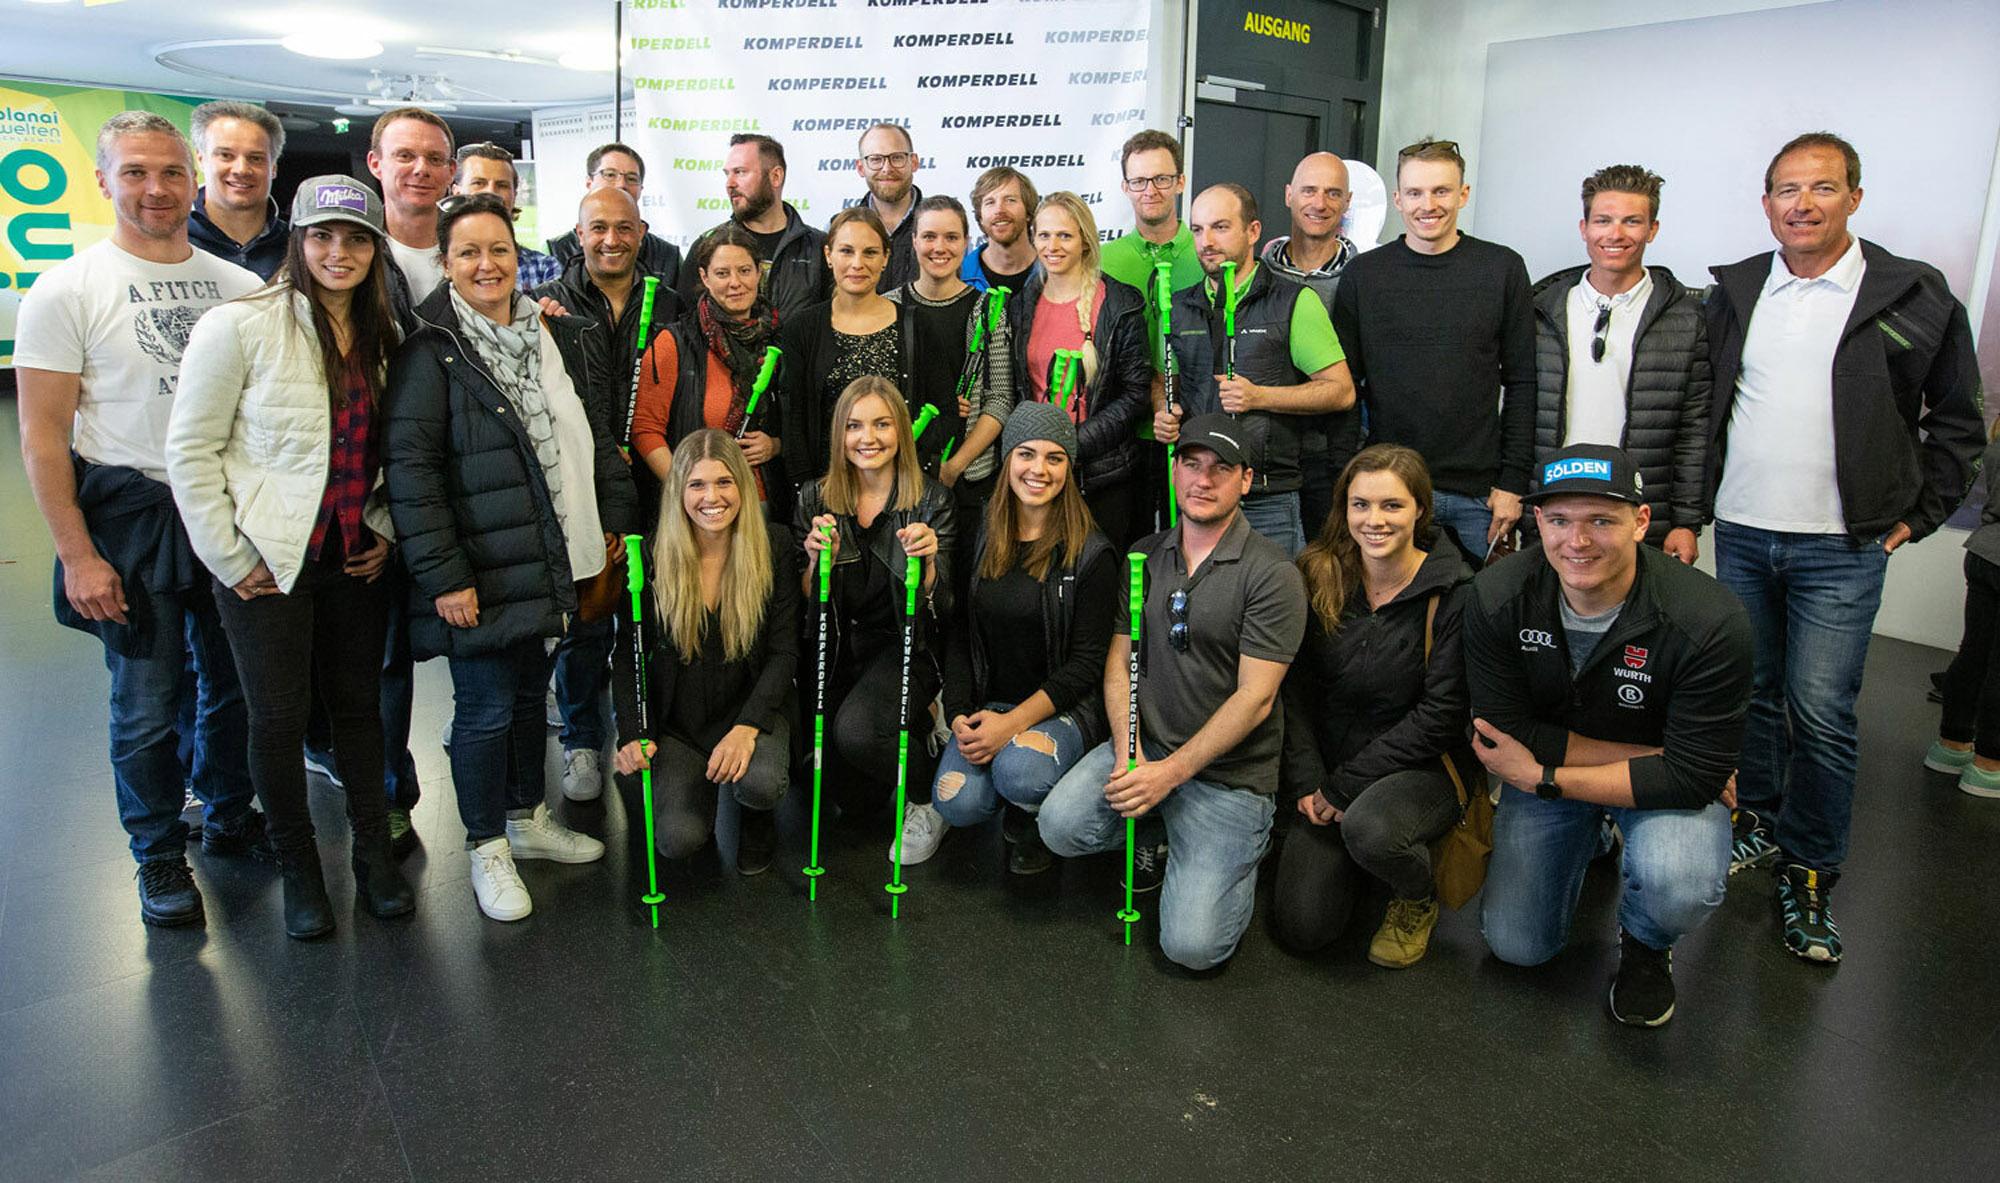 Rennlauf-Athleten Gruppenfoto mit Mitarbeiter